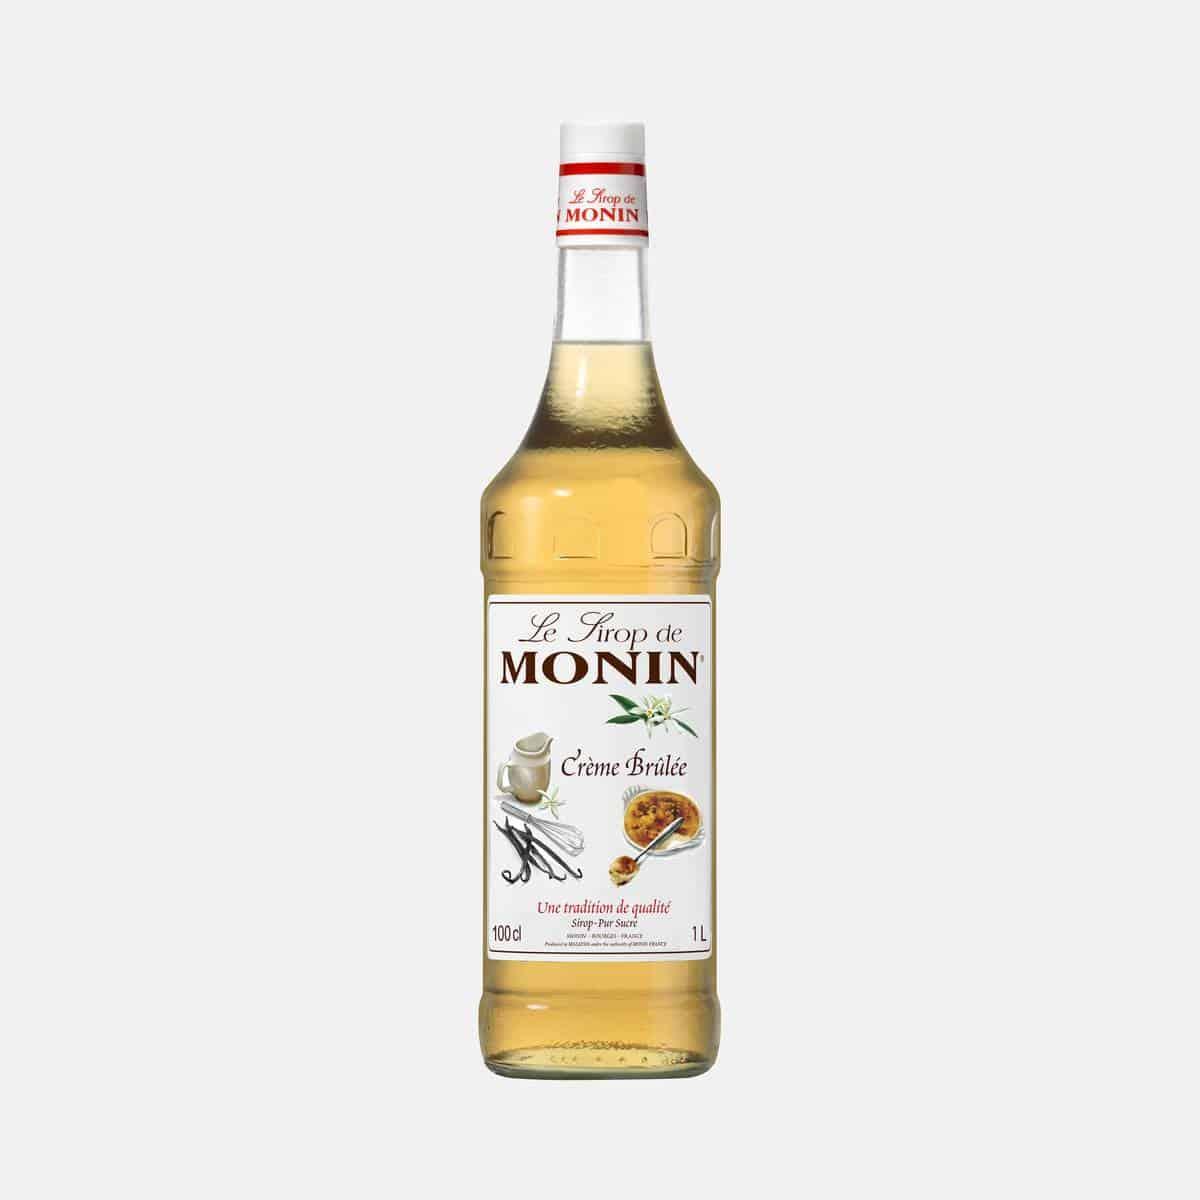 Monin Creme Brule Syrup 1 Liter Glass Bottle